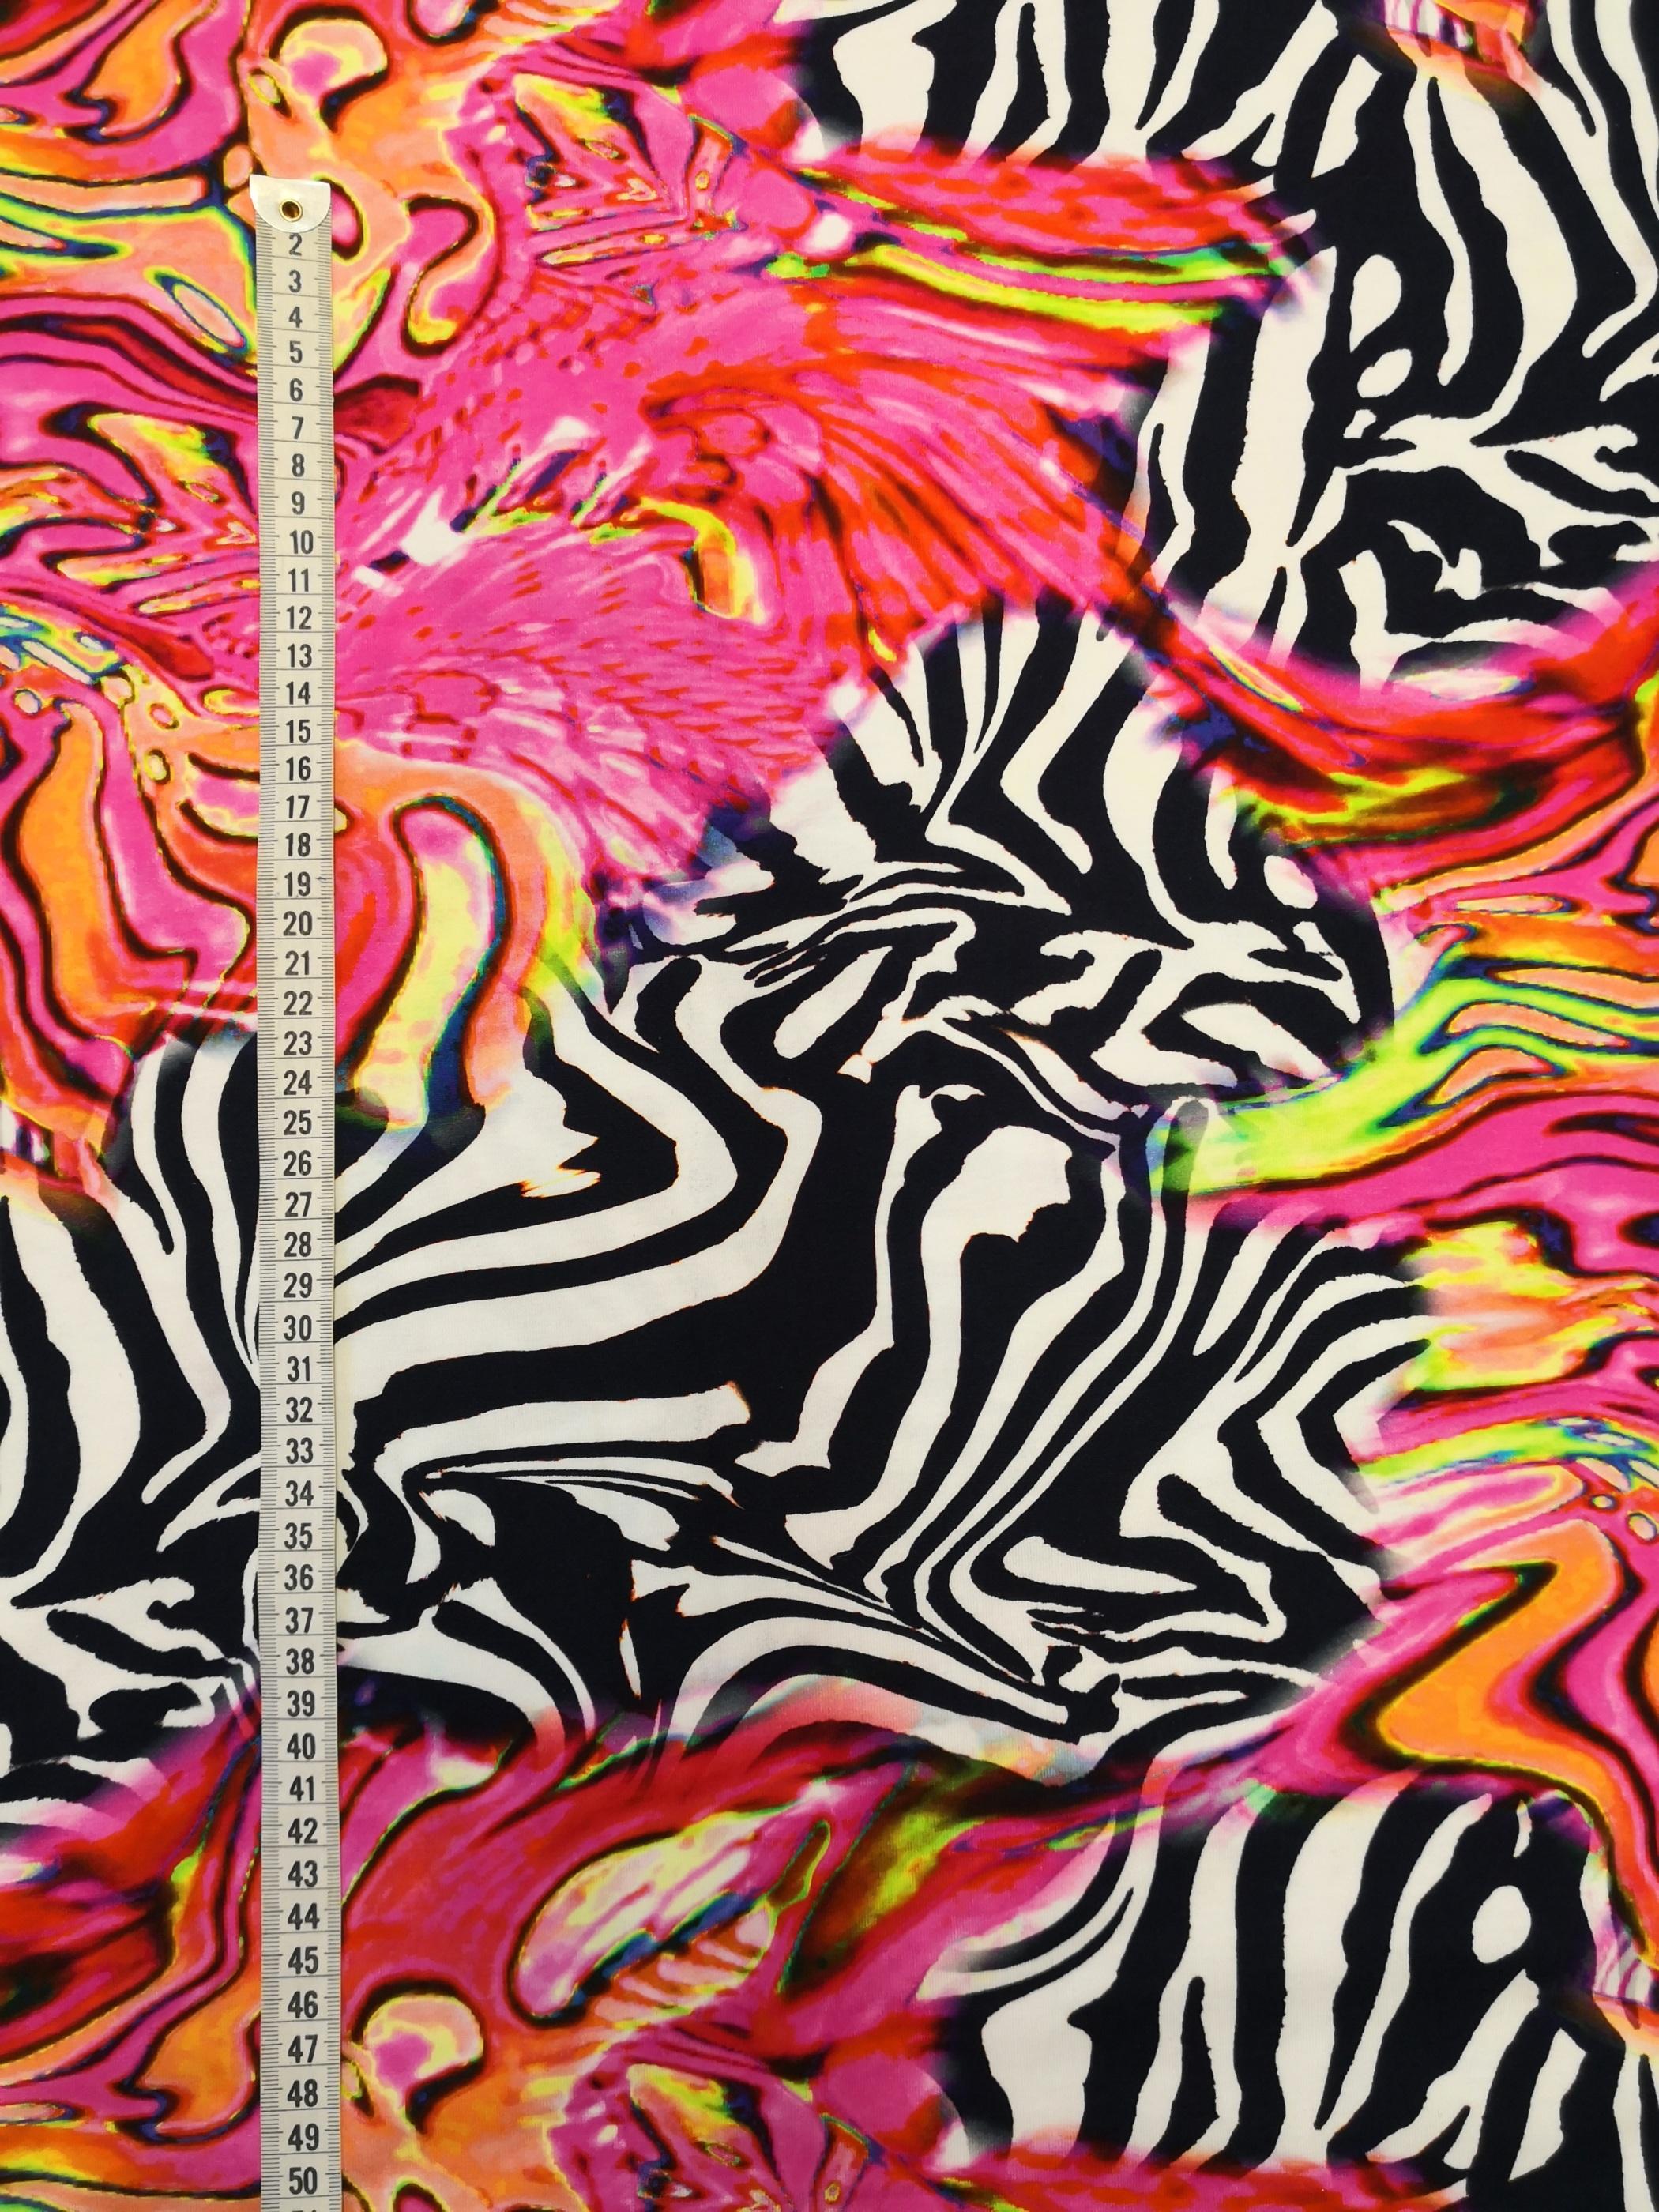 batik tyglust, tyg, trikå, mode, sy, sömnad, textil design, metervara, tygaffär